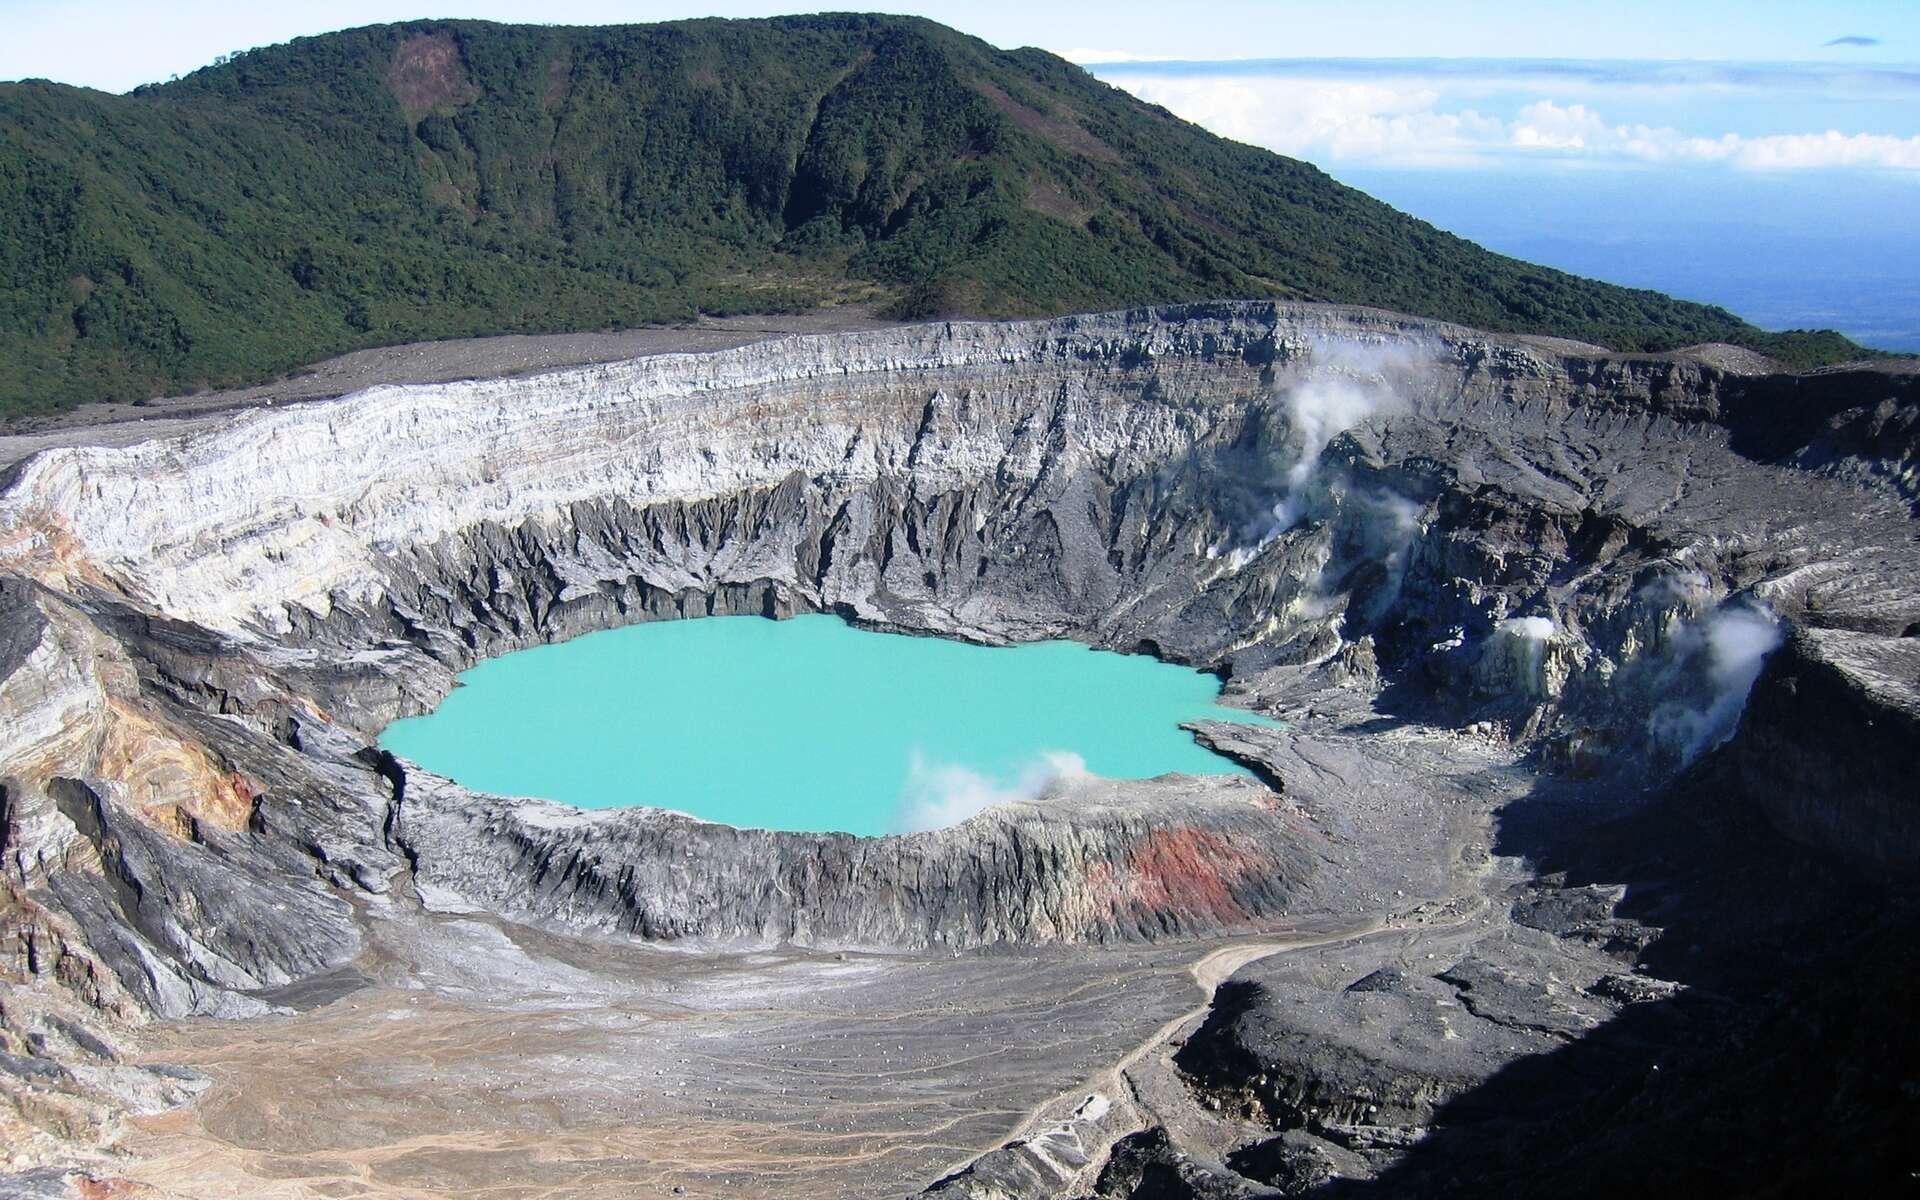 Le Poás est un stratovolcan du Costa Rica. Son cratère principal héberge un lac acide, qui dégage régulièrement des vapeurs sulfurées toxiques et qui est le lieu d'éruptions phréatiques. © Peter Andersen, CC by-sa 3.0